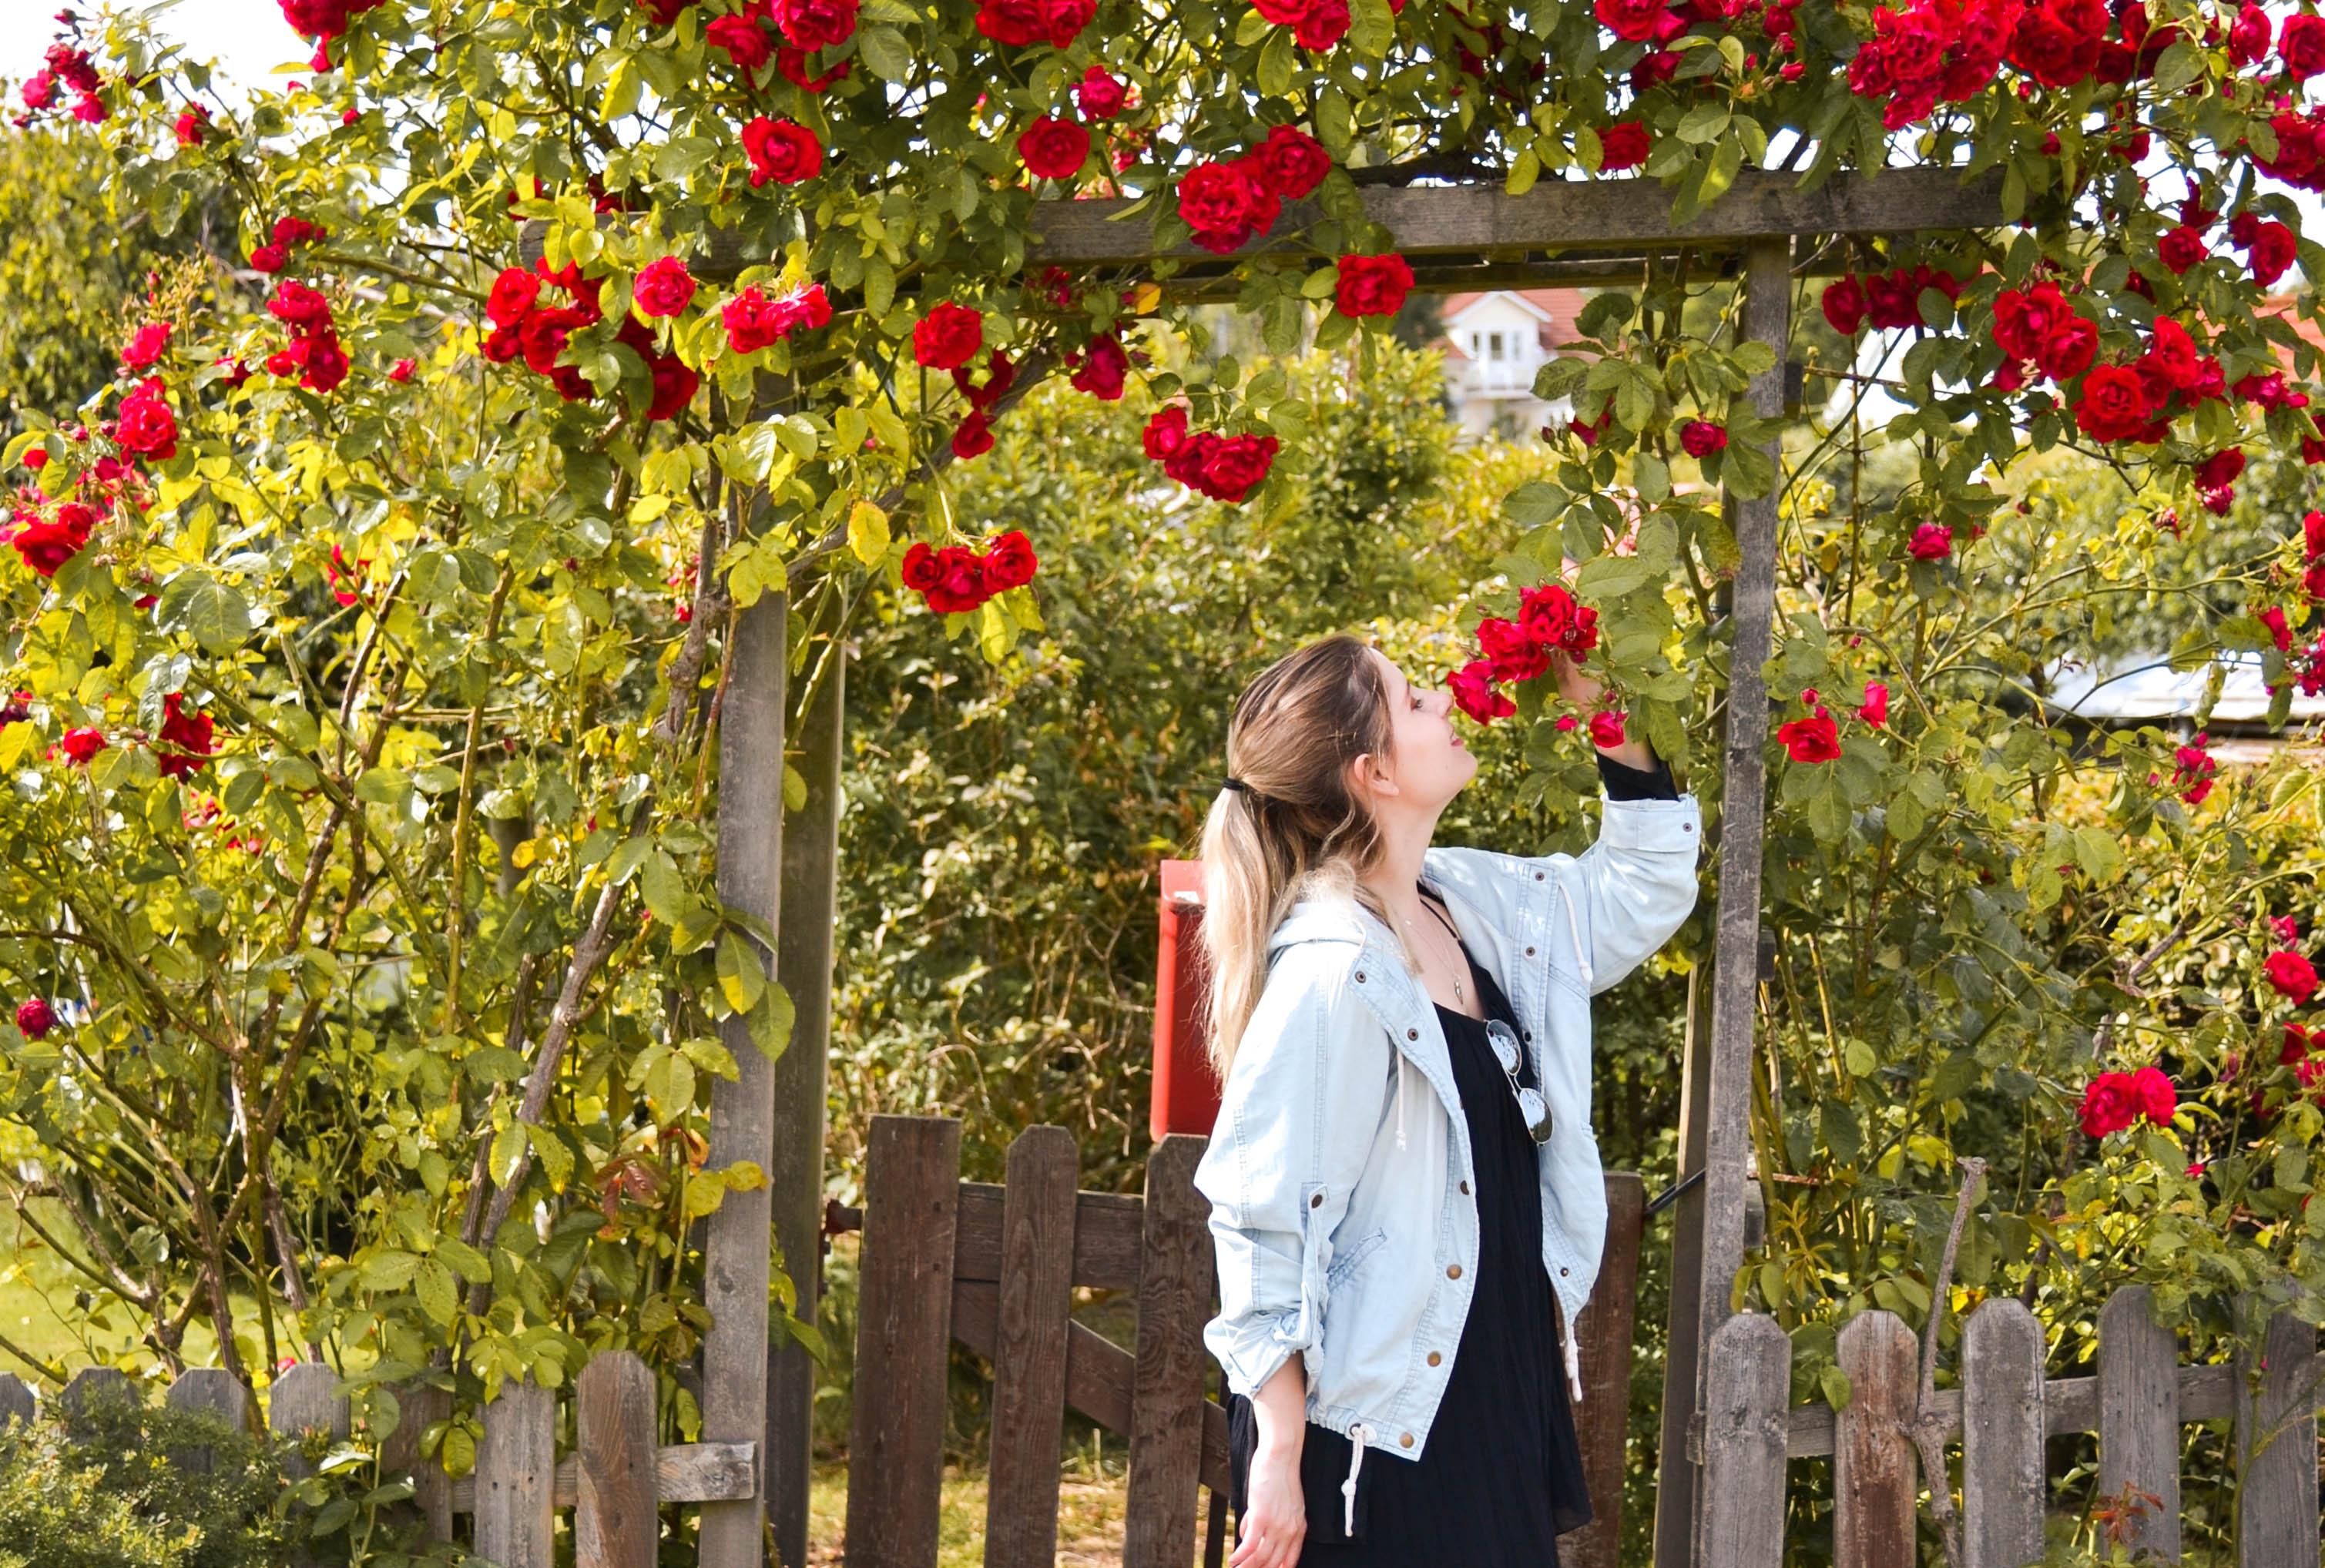 Smelling roses in Brännö, Sweden